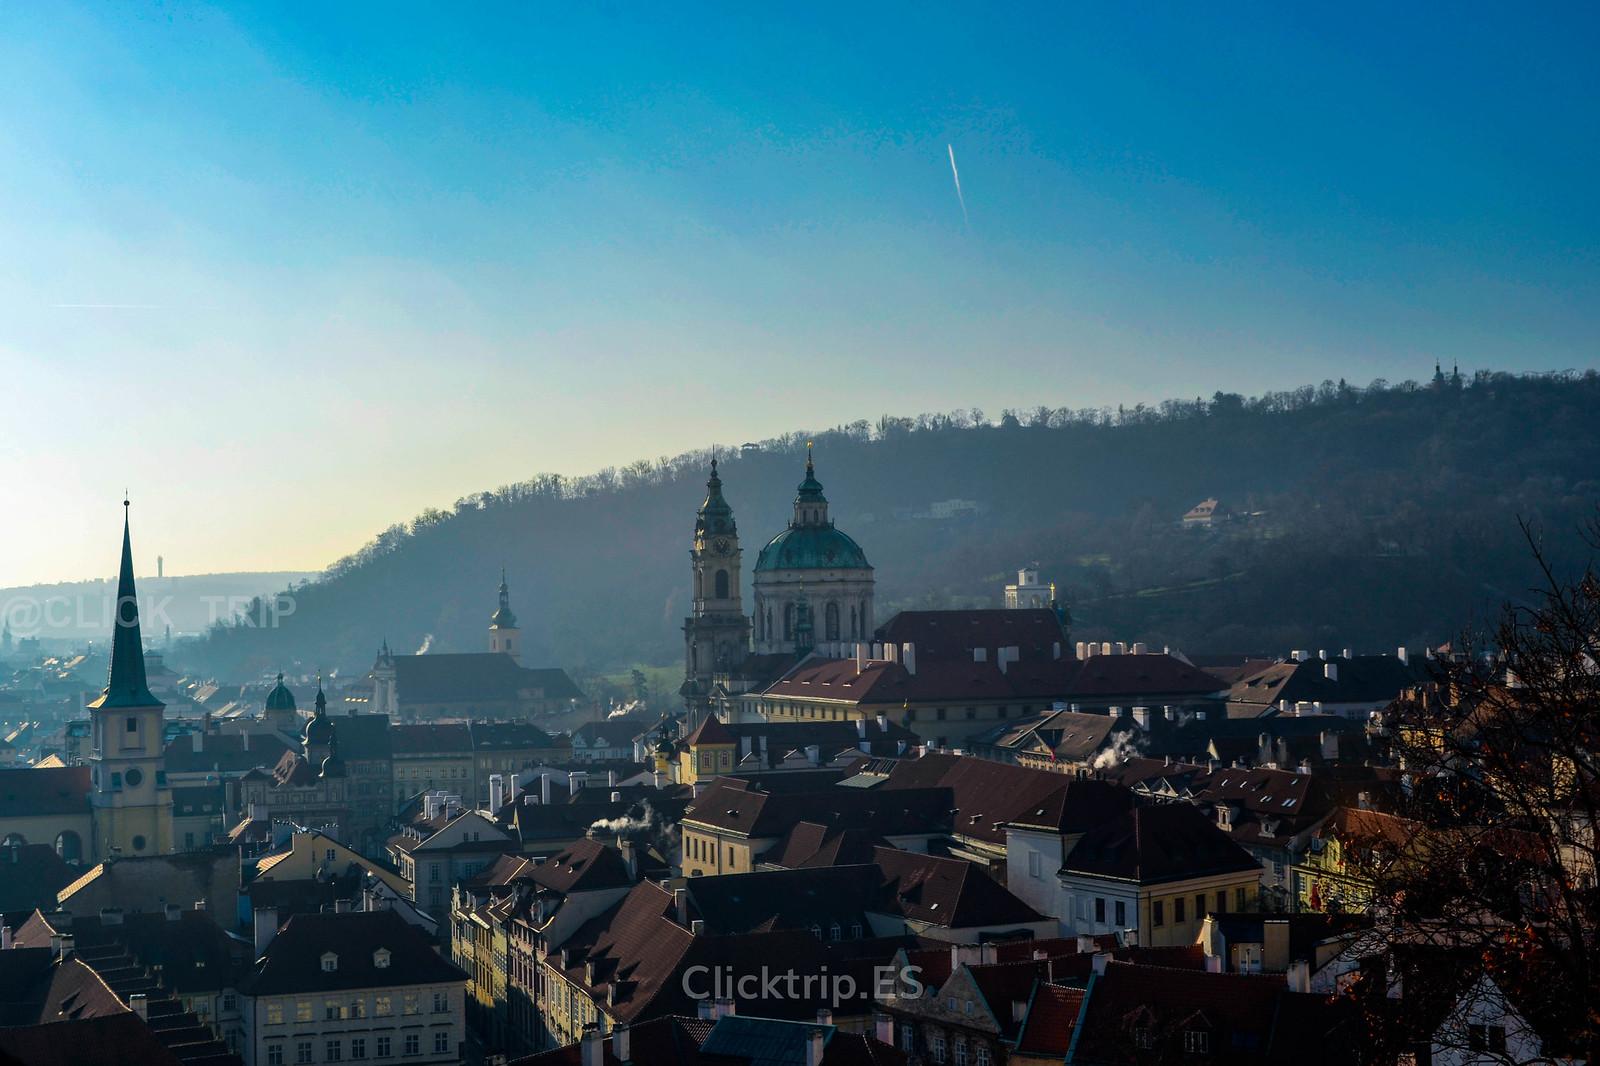 · Vistas del campanario y cúpula de la Iglesia de San Nicolás de Malá Strana desde el Castillo de Praga ·